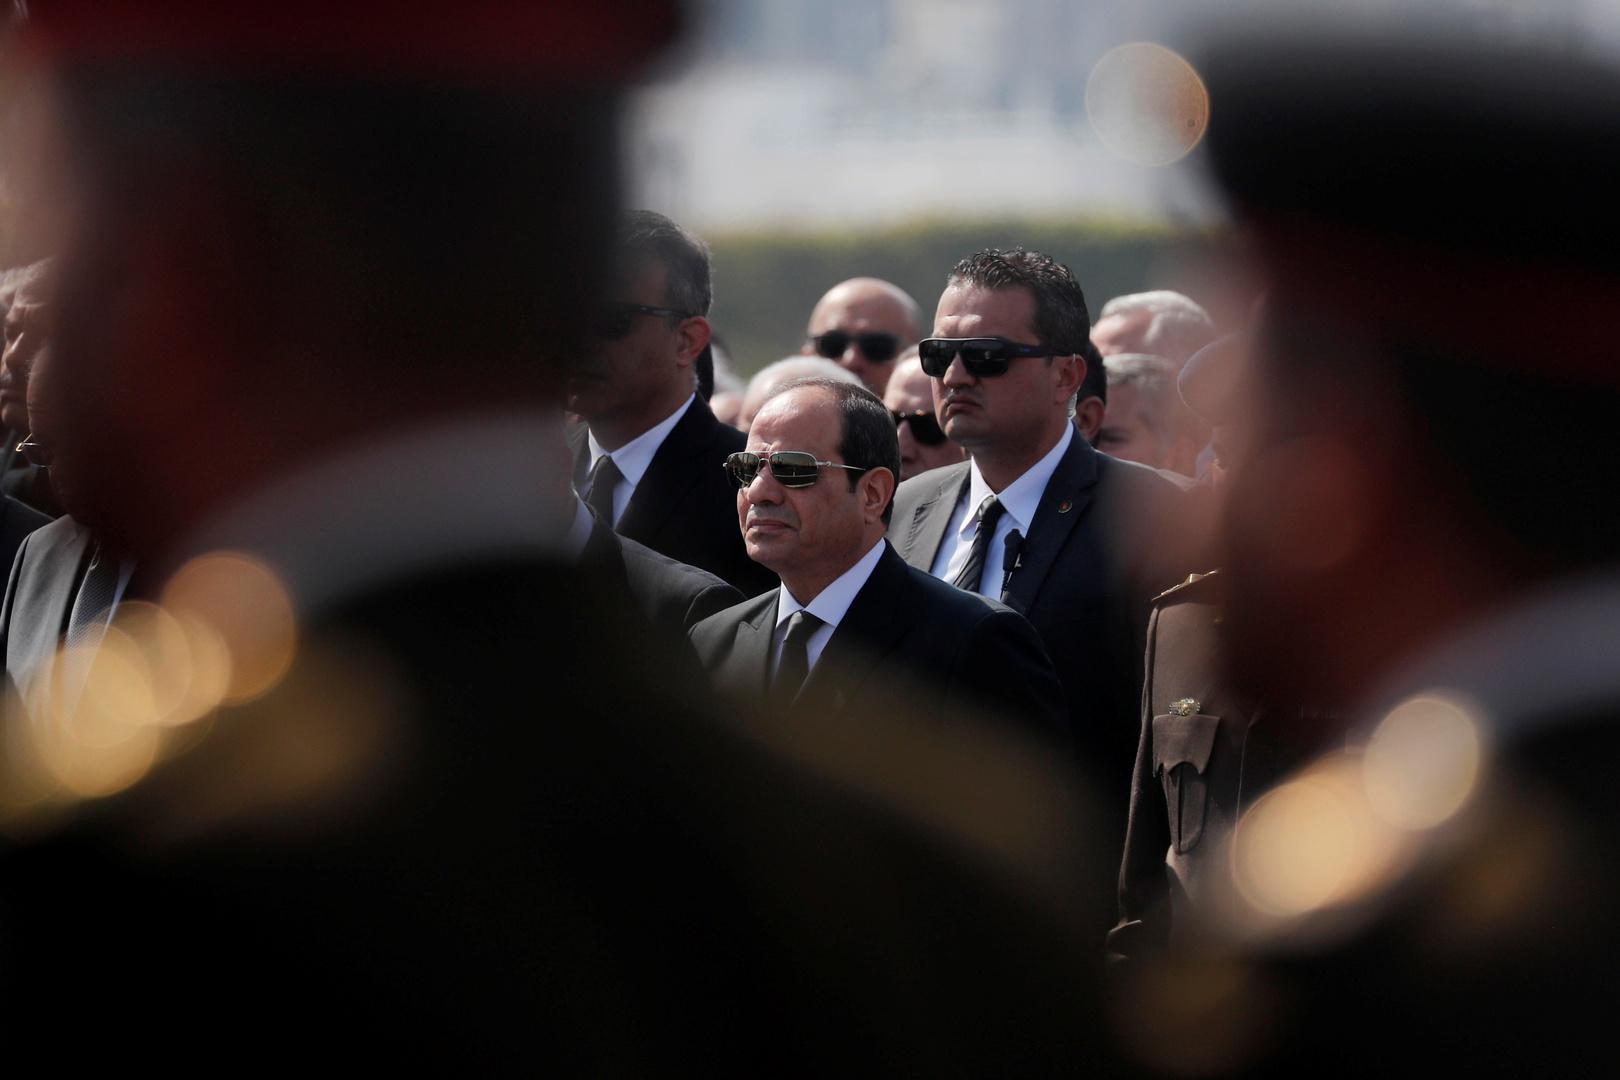 الأناضول: رفع دعوى قضائية في تركيا ضد السيسي ومسؤولين مصريين كبار